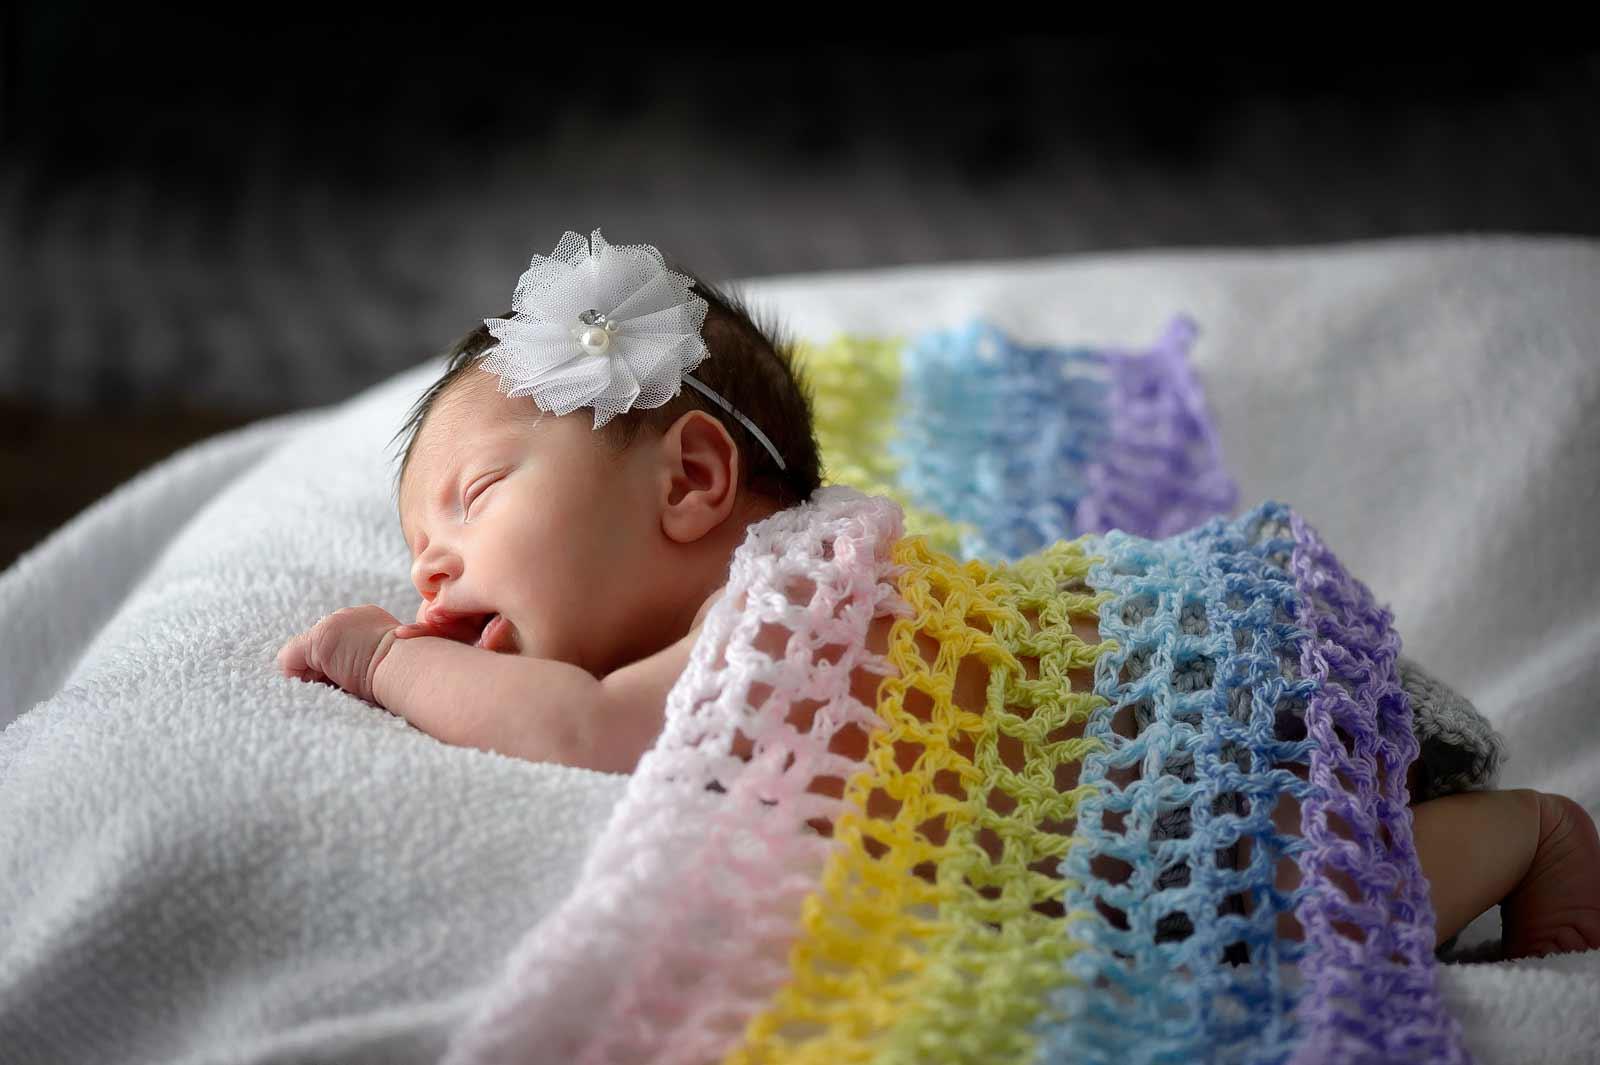 Everly-newborn-sneakpeek-07